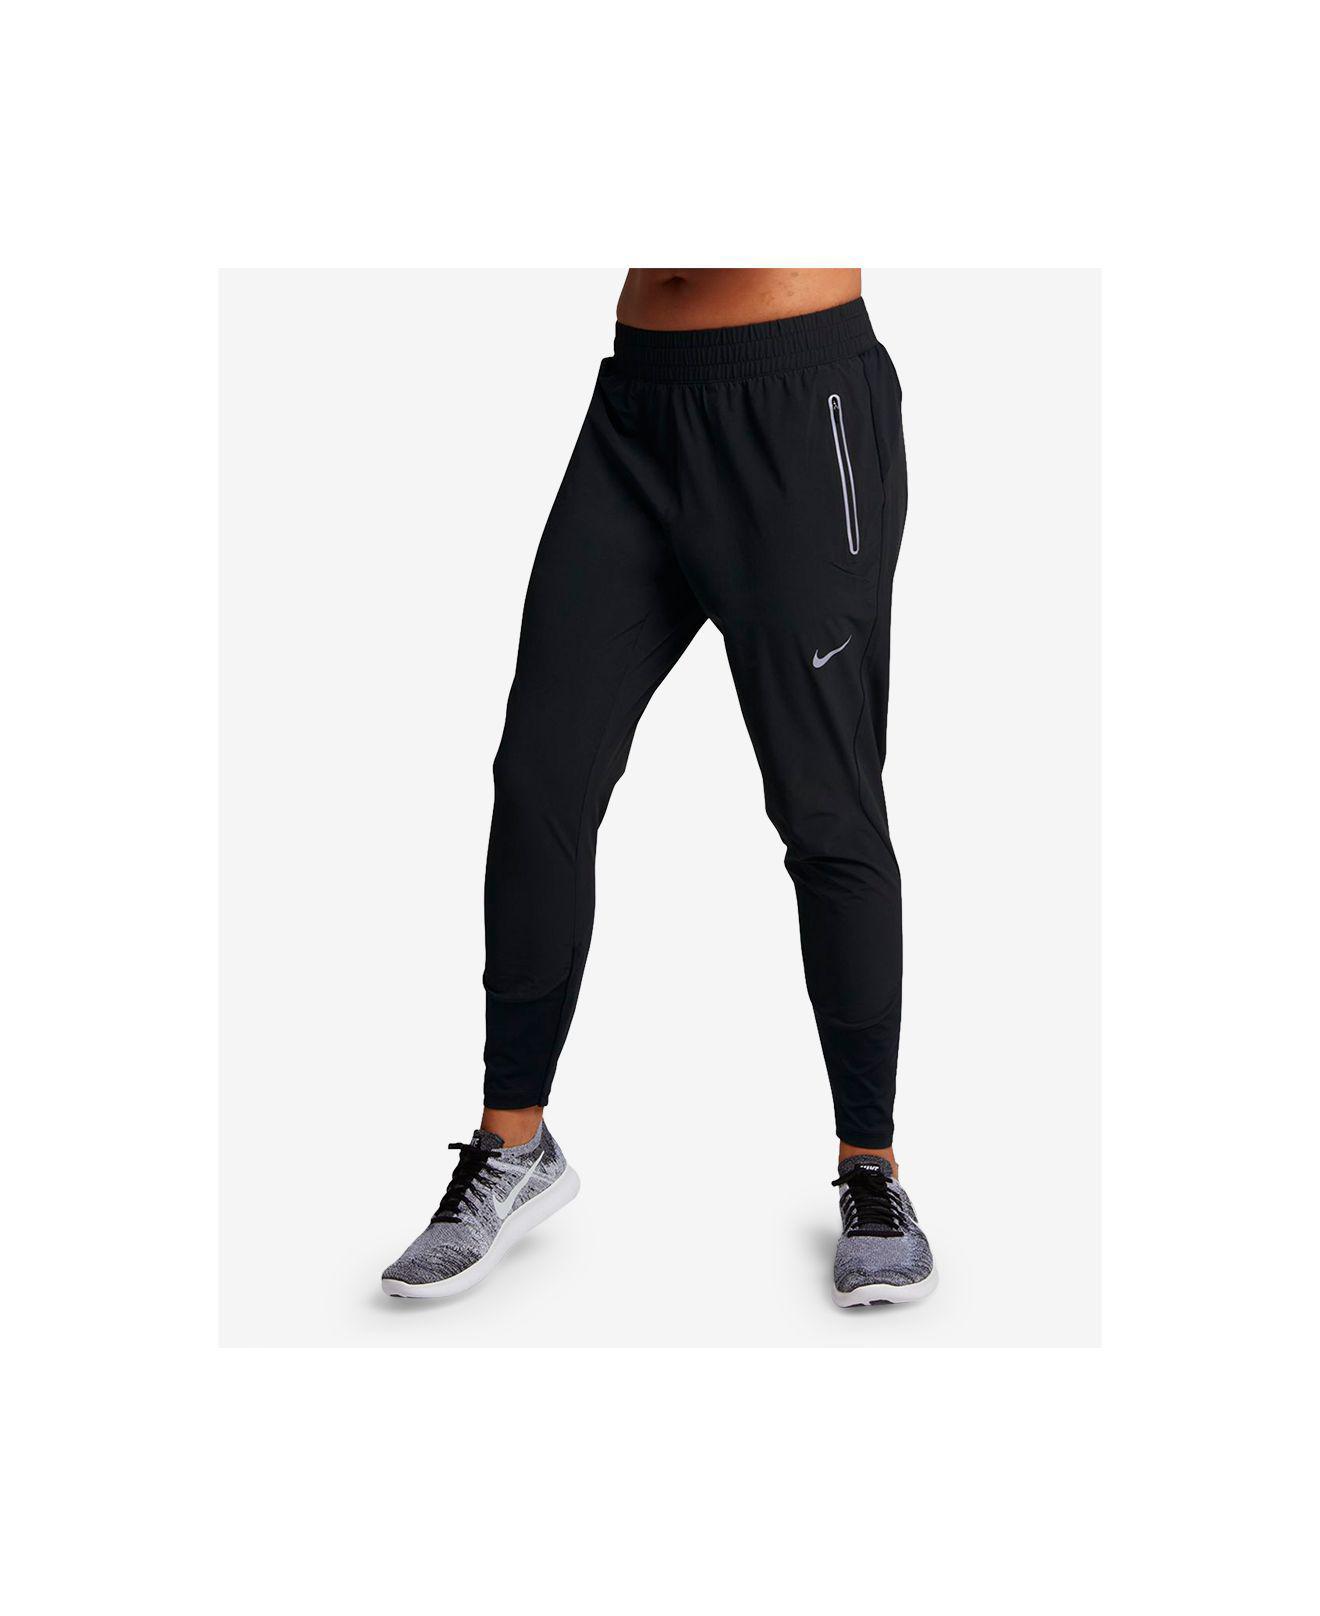 24665c55a7f69 Nike Flex Swift Dri-fit Running Pants in Black - Lyst